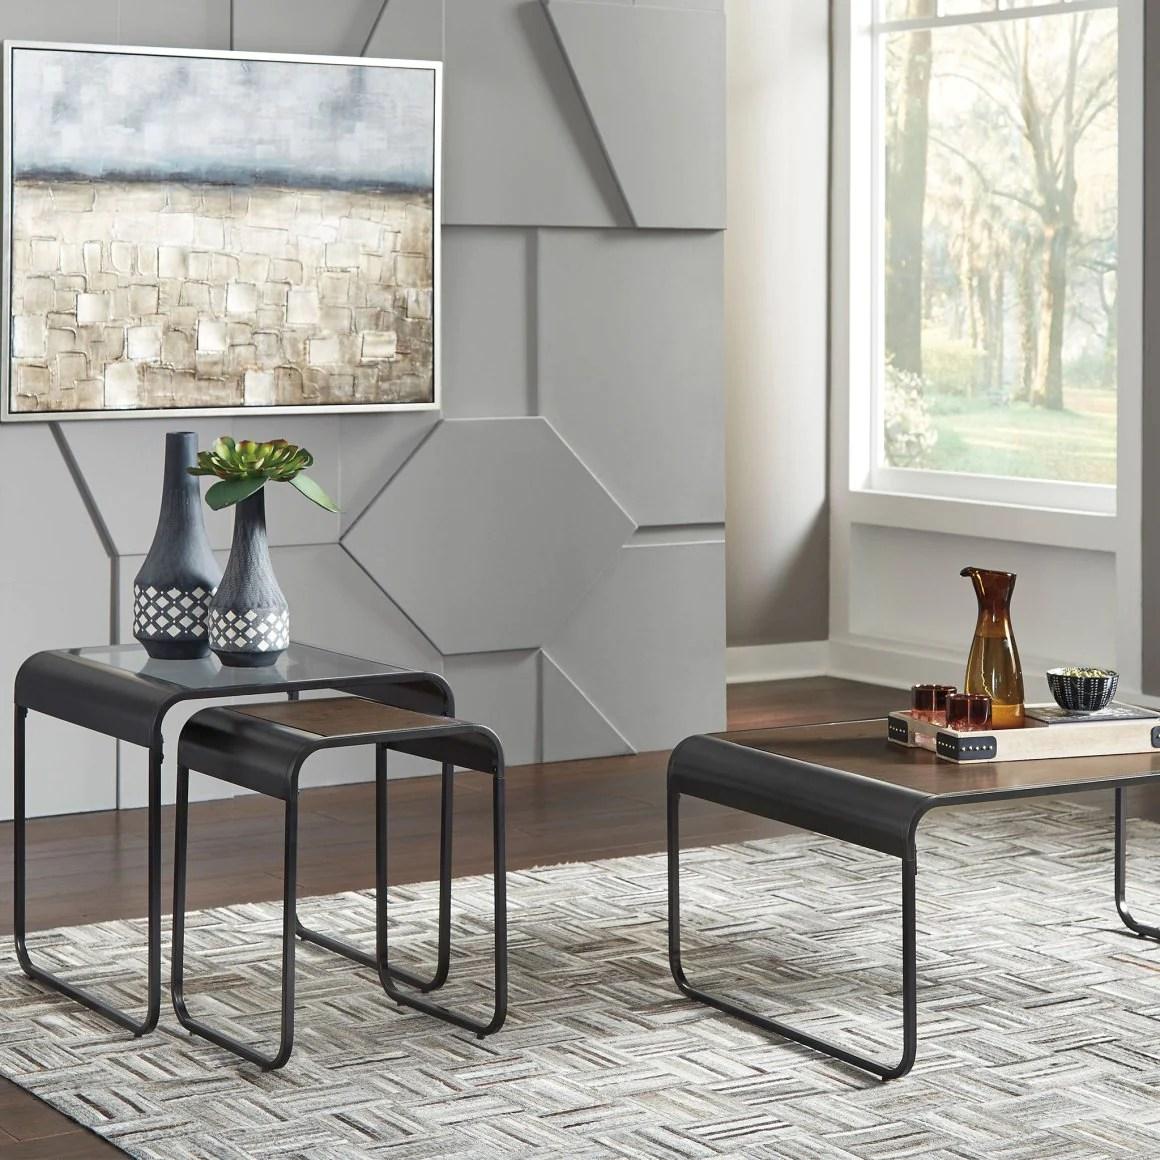 Mobexpert blog. Ce este mobilierul modular si care sunt beneficiile lui